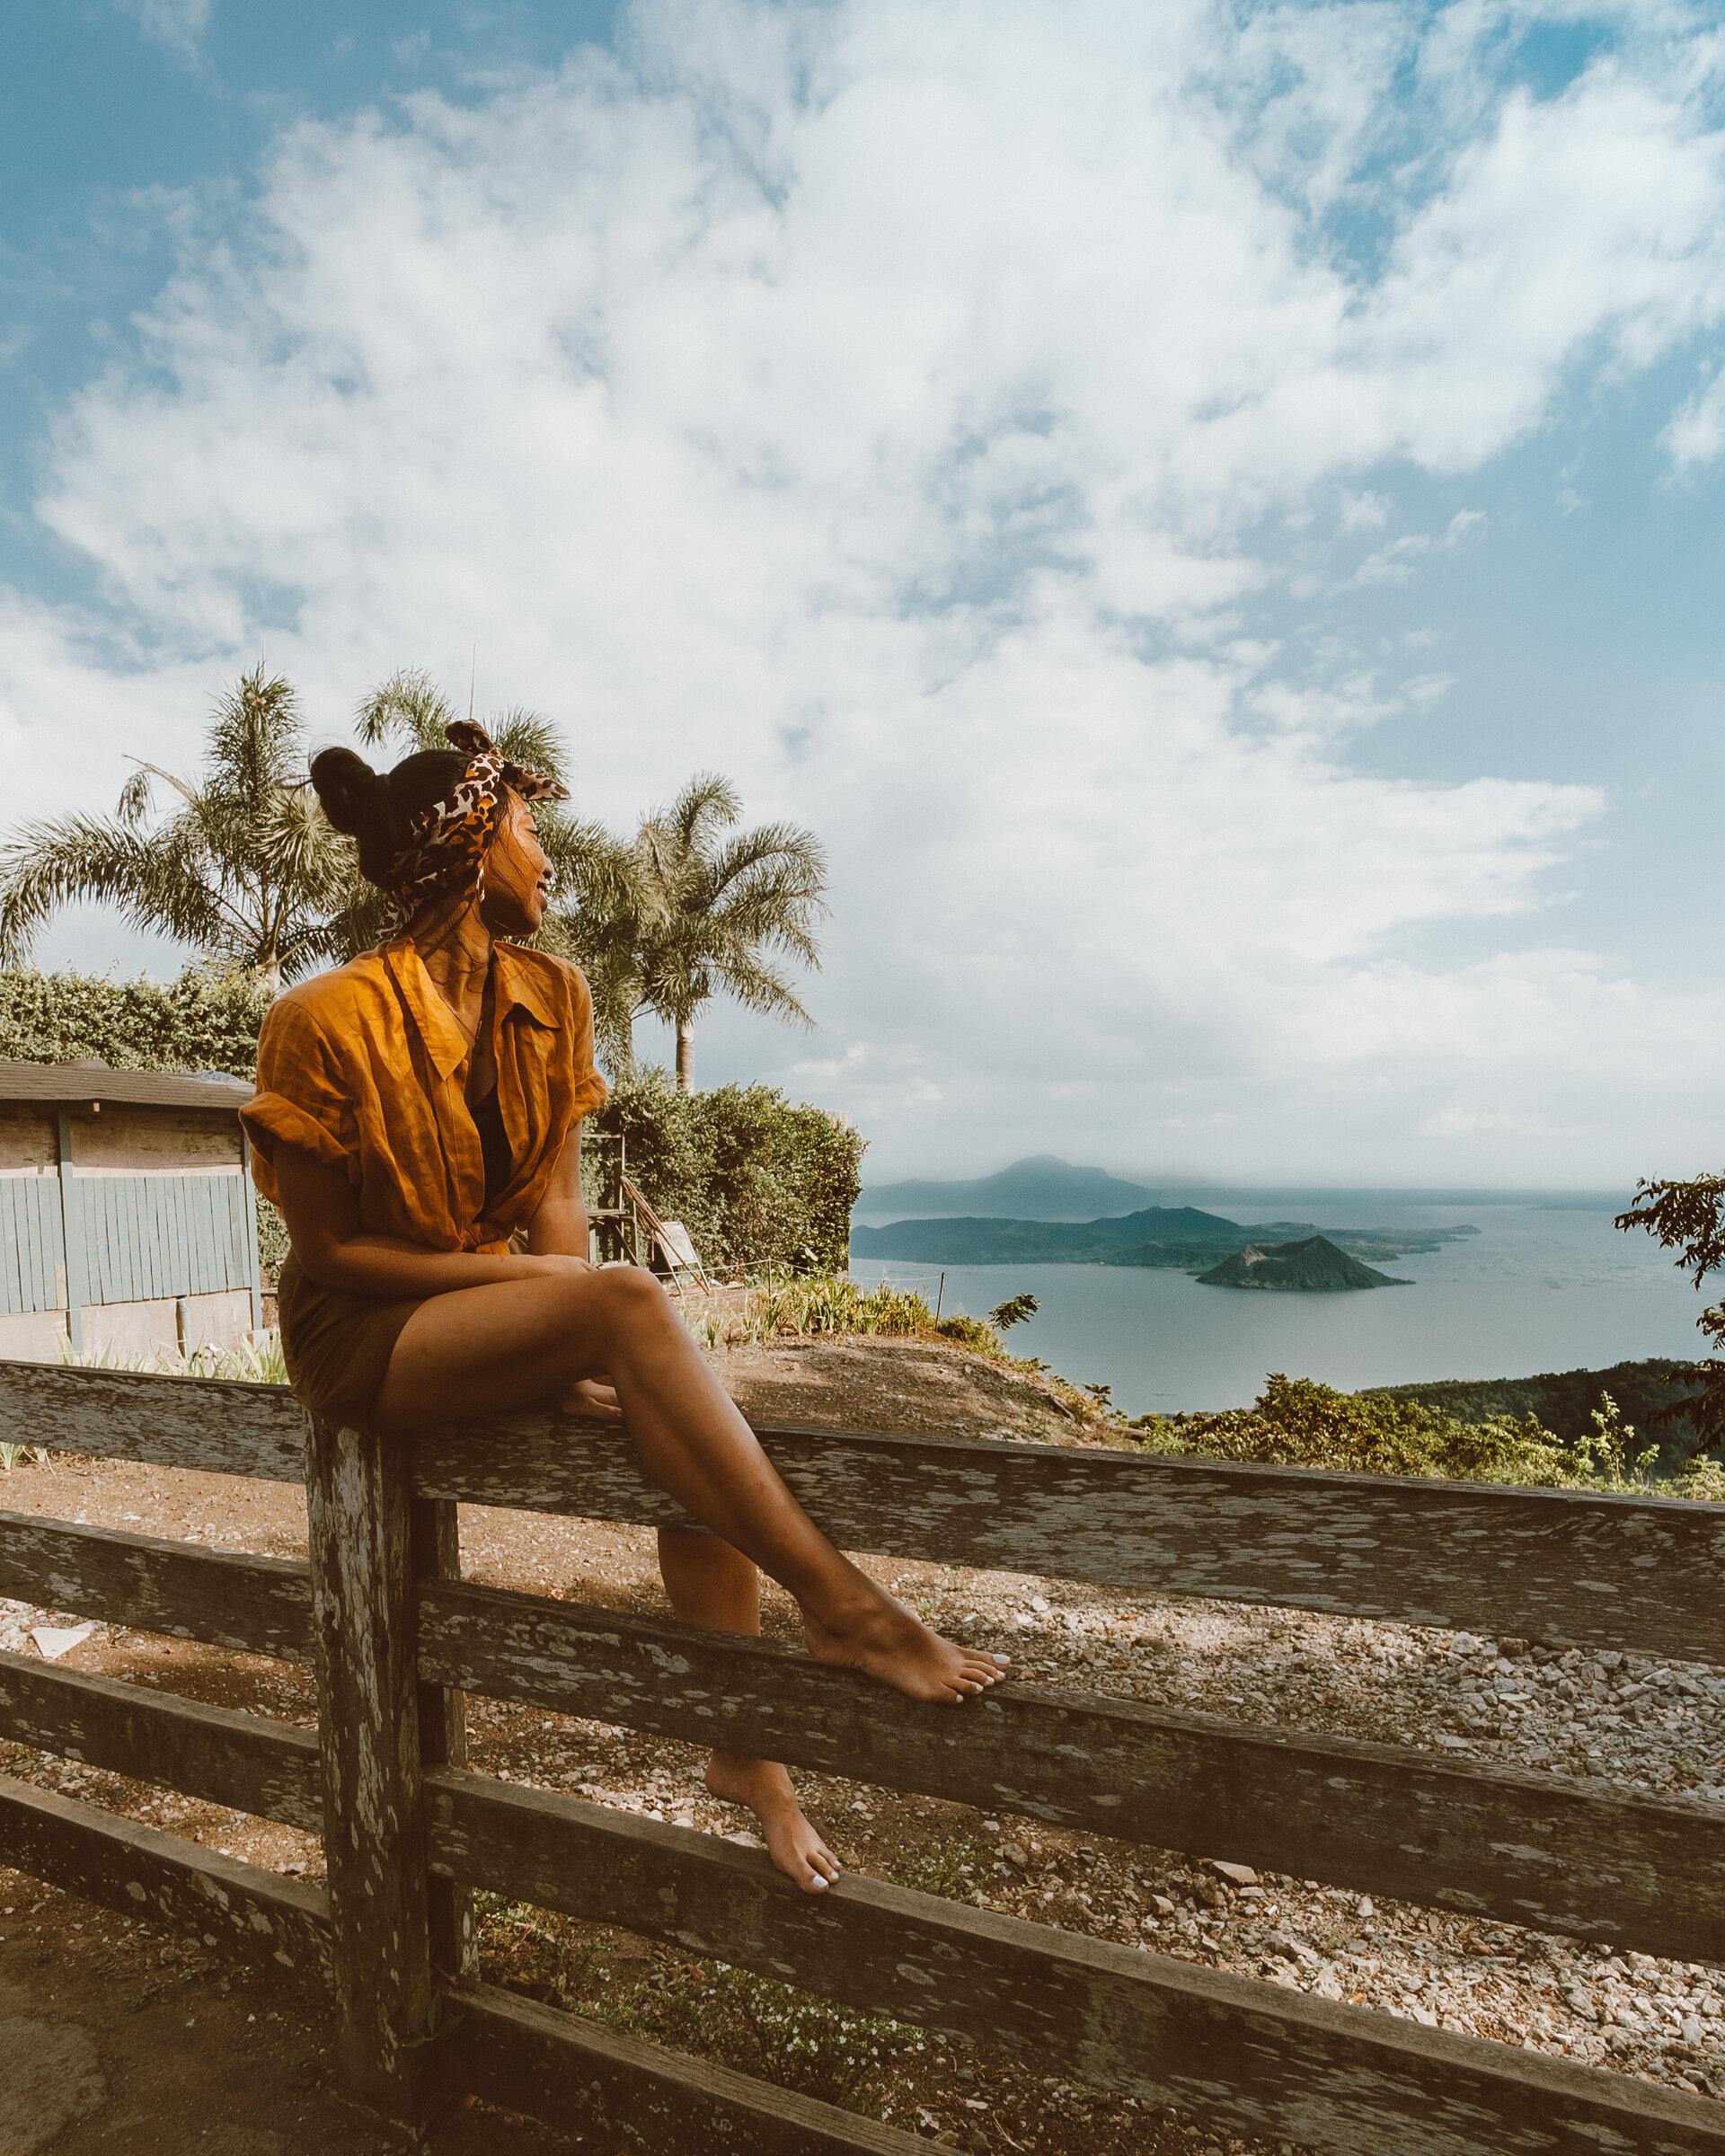 欣赏塔阿尔火山和塔阿尔火山口湖在Tagaytay, Cavite,吕宋岛